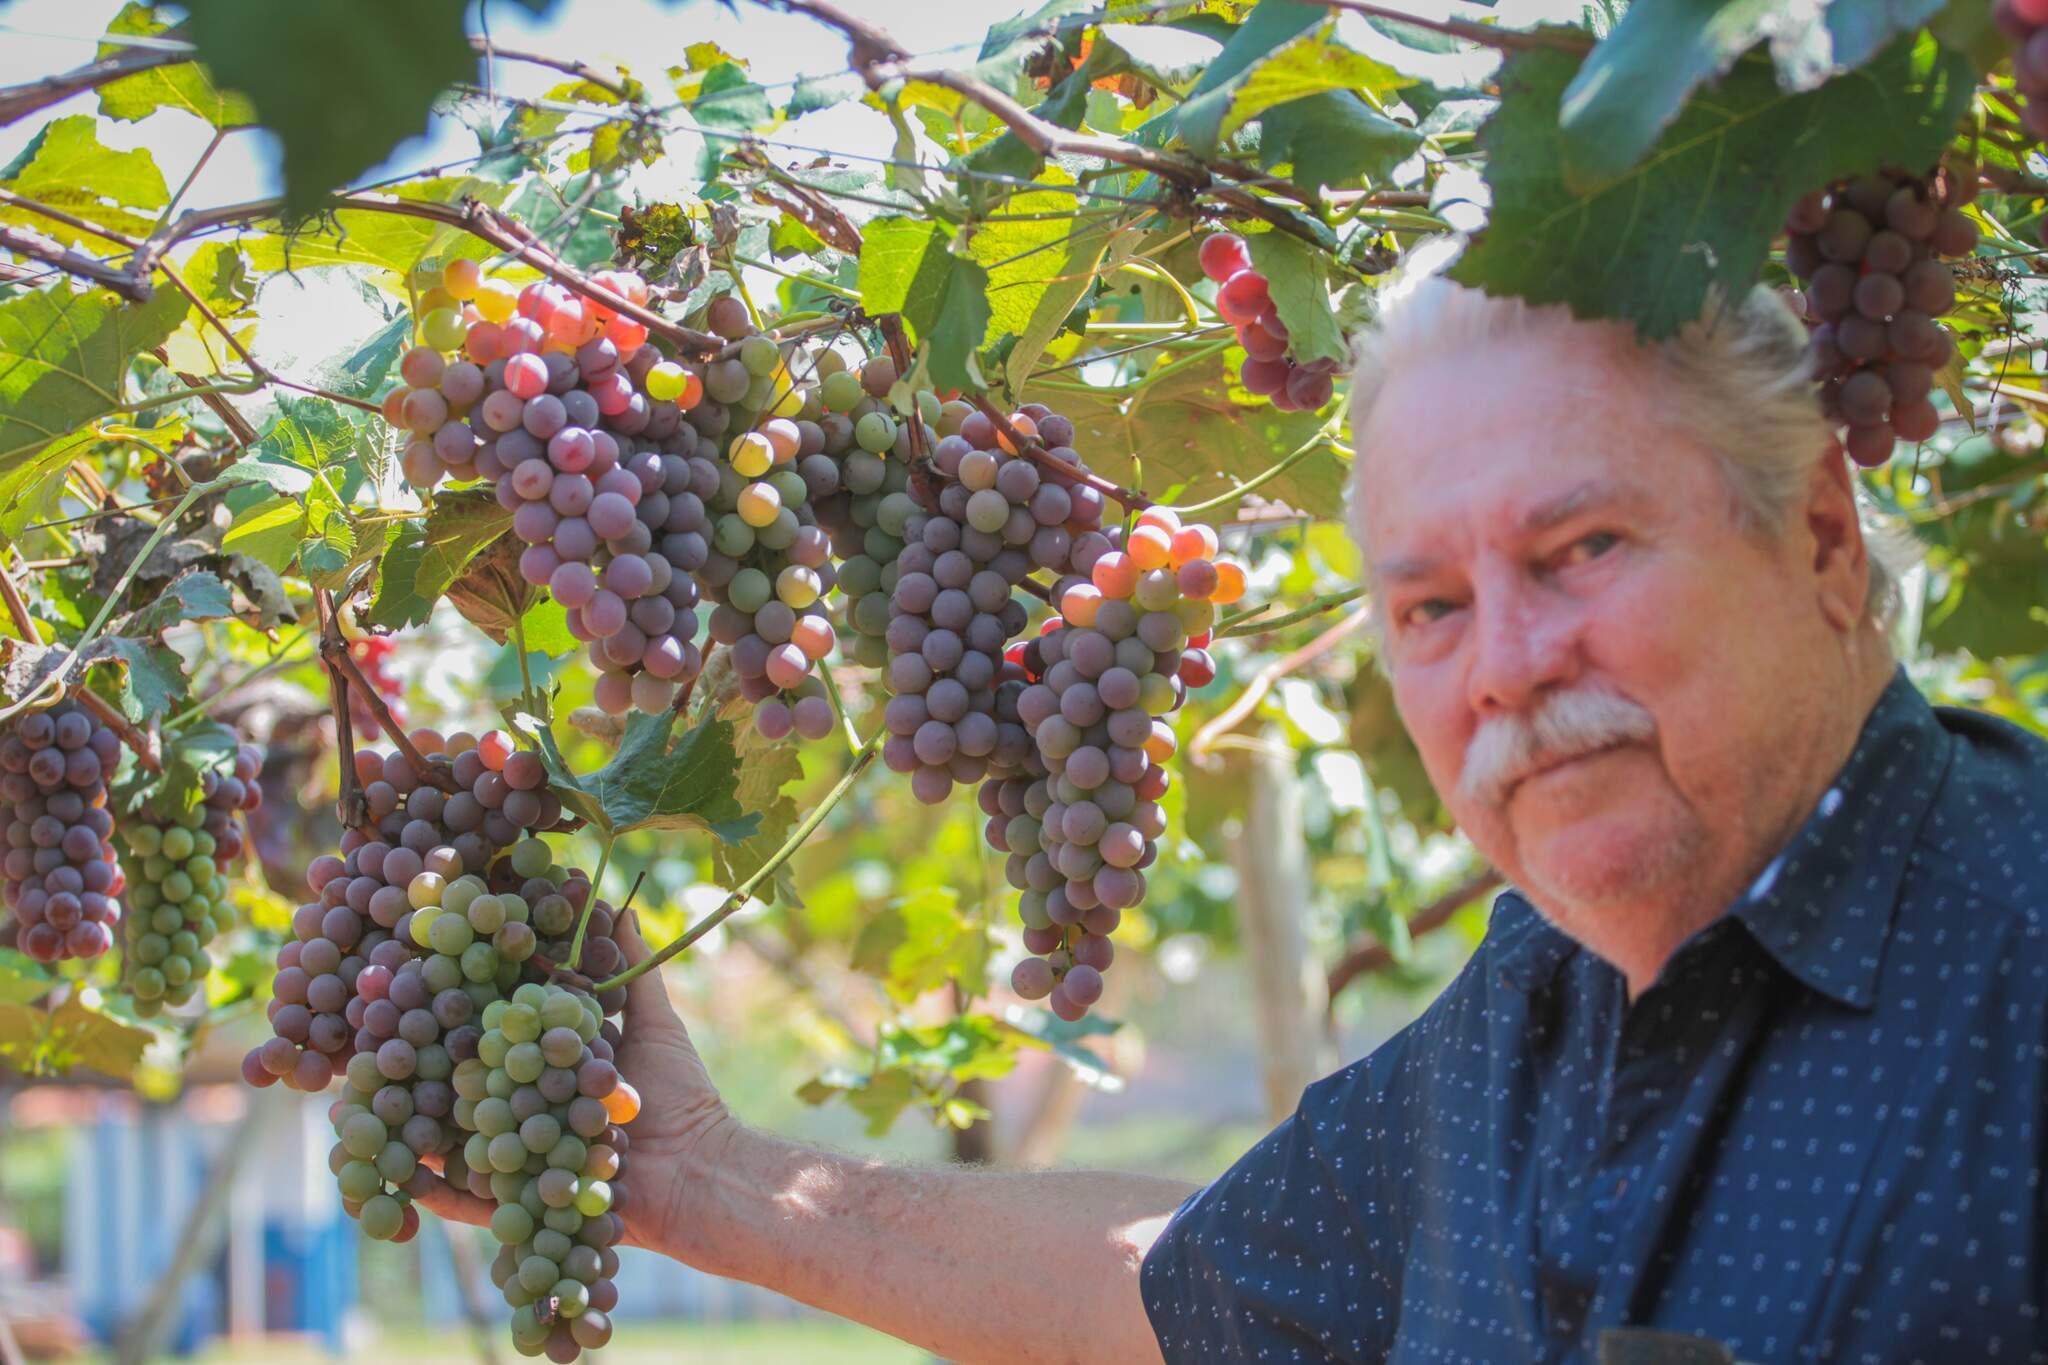 Celso, o dono, diz que as uvas costumam acabar em semanas (Foto: Marcos Maluf)